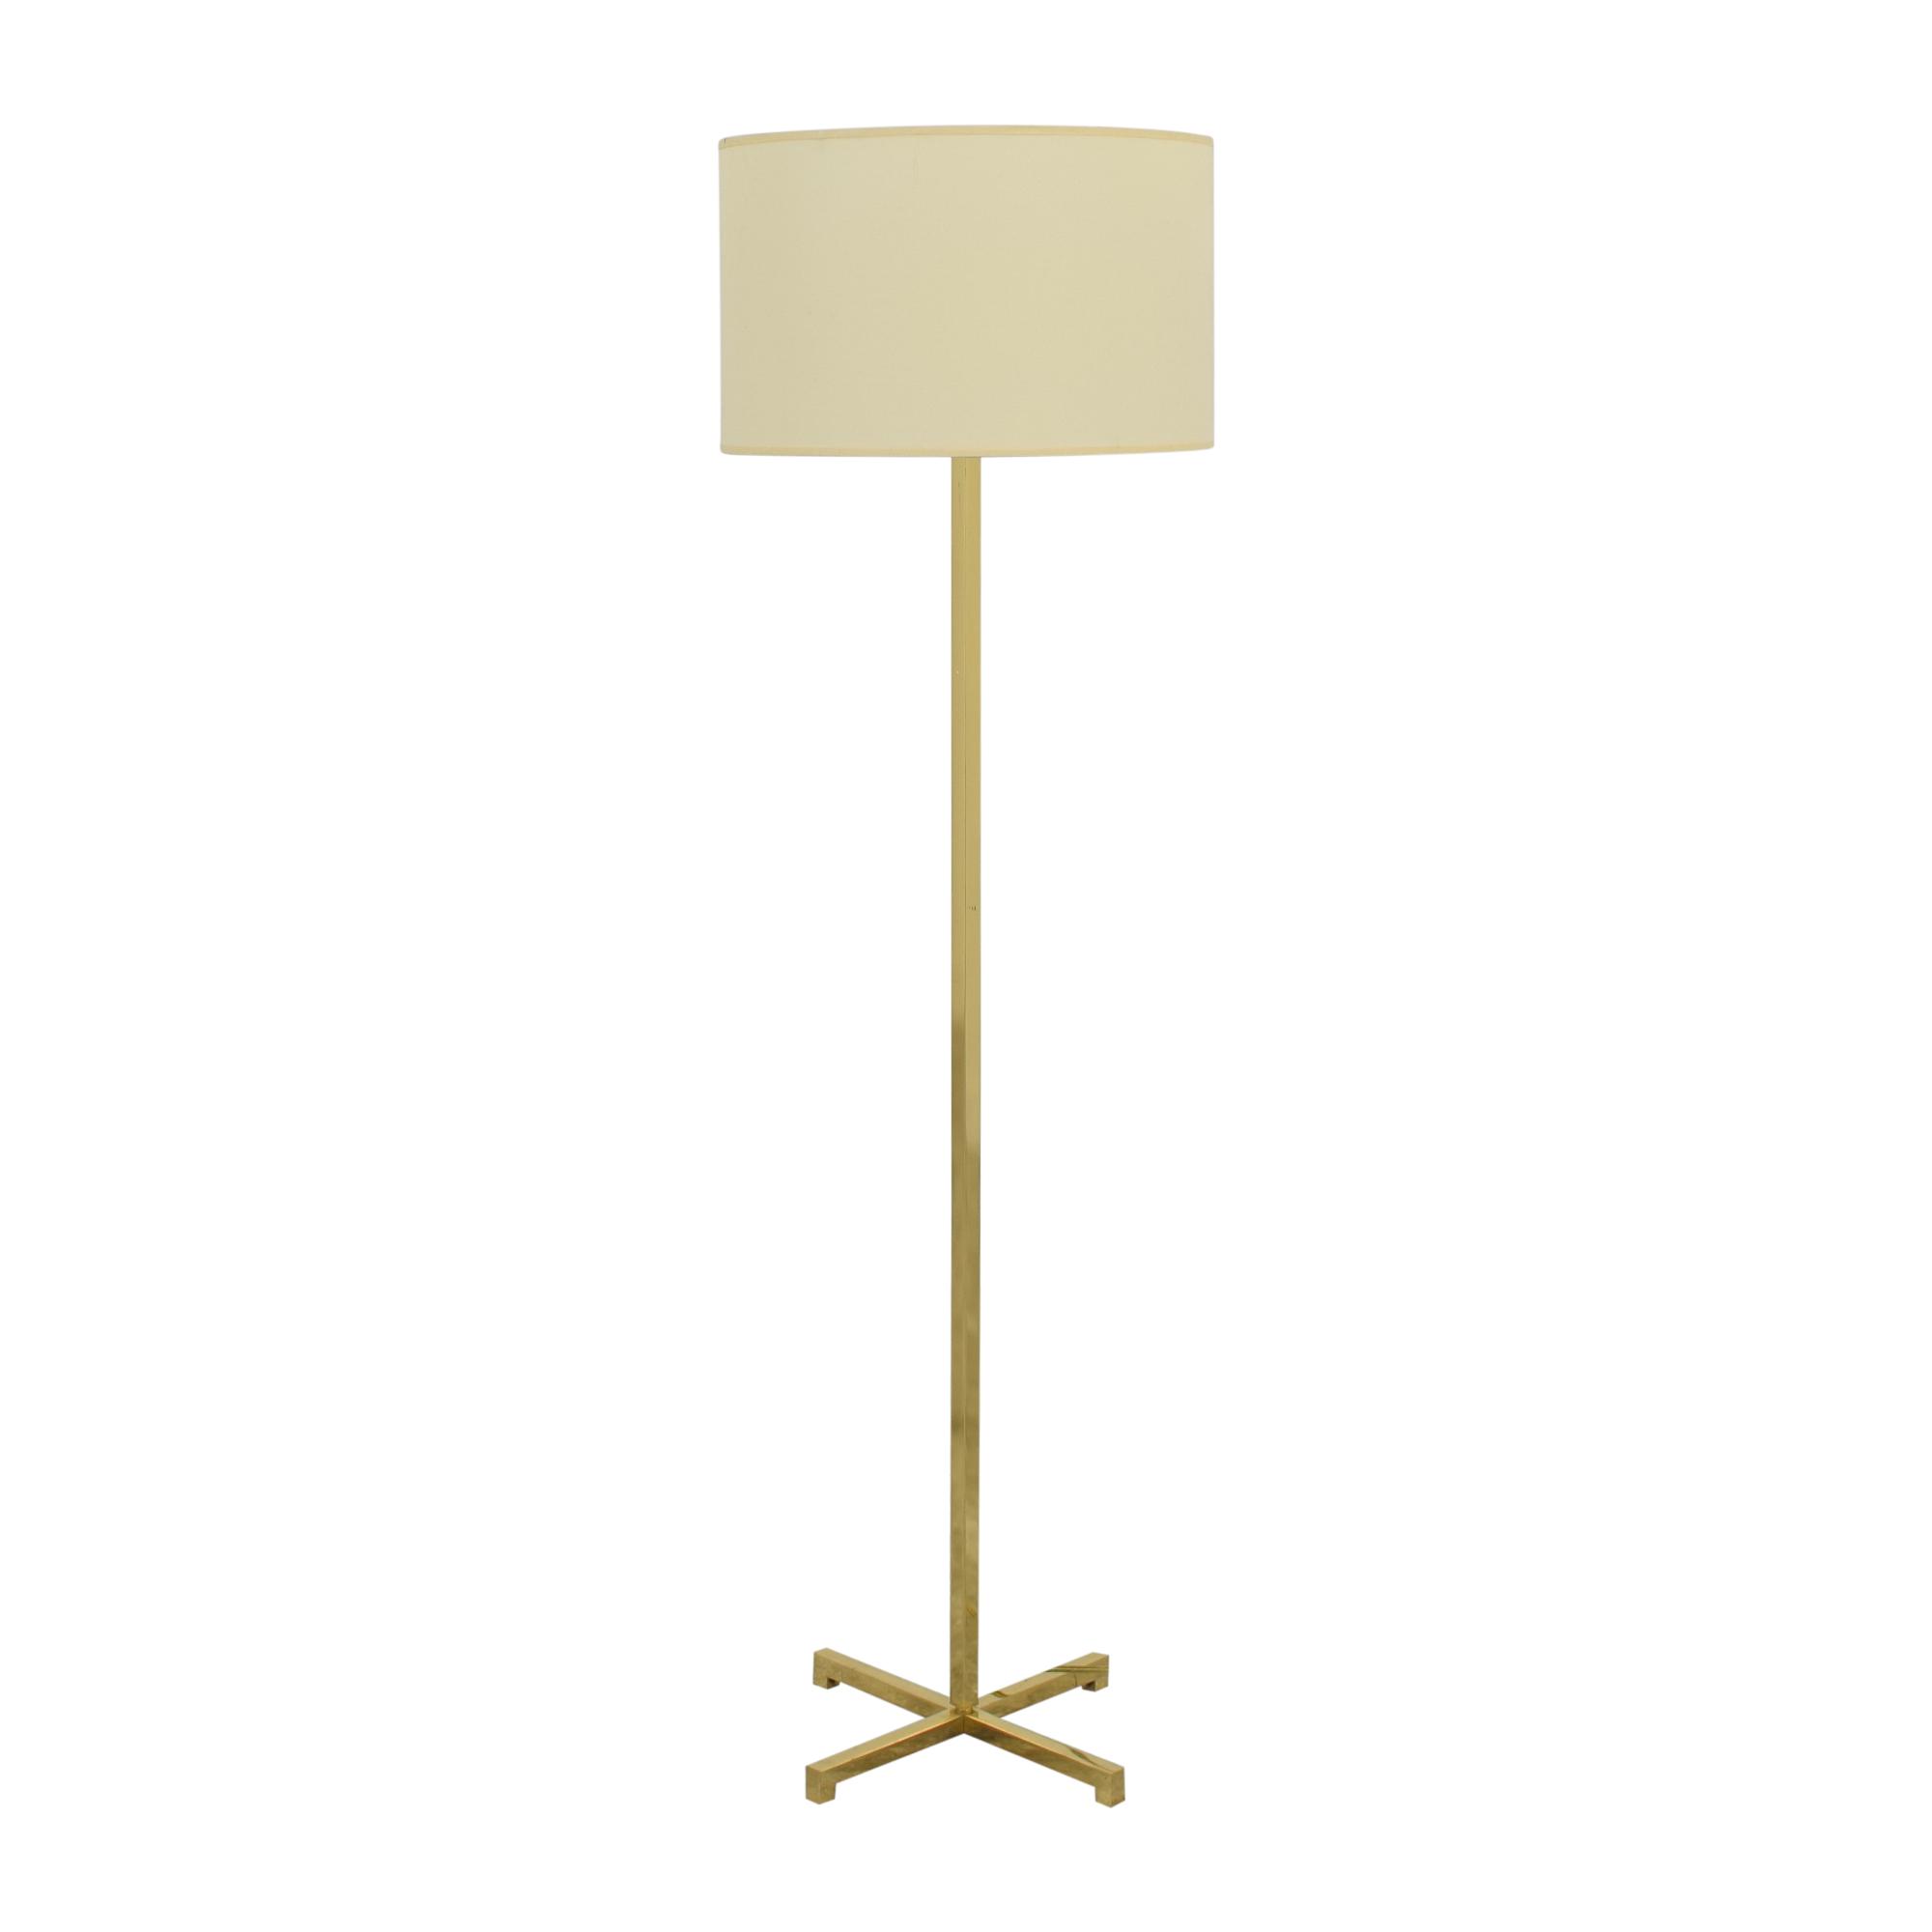 Nessen Lighting Nessen Lighting Floor Lamp second hand